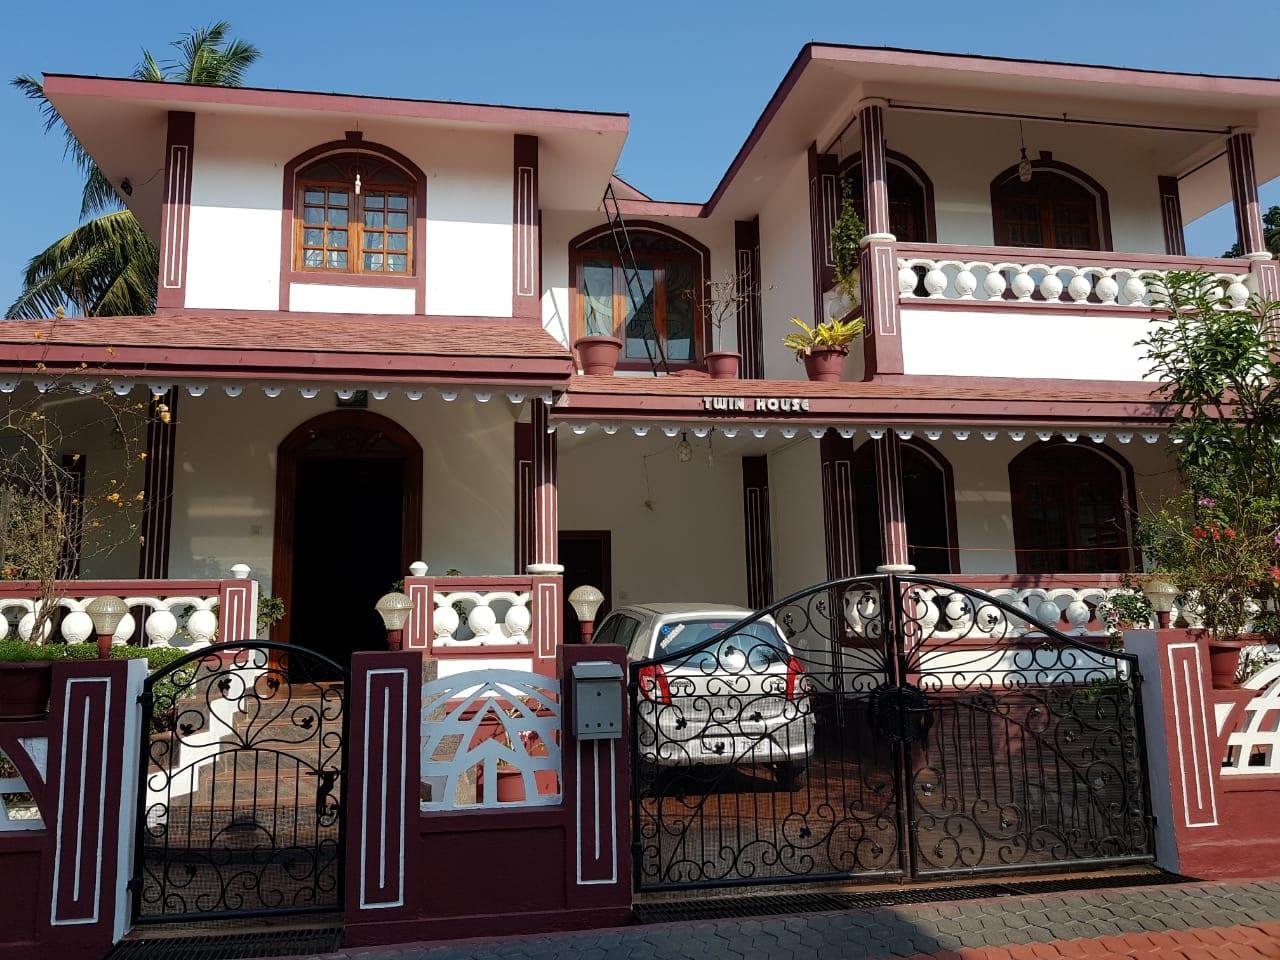 Independent 4bhk Villa in Navelim ₹2.5 crores